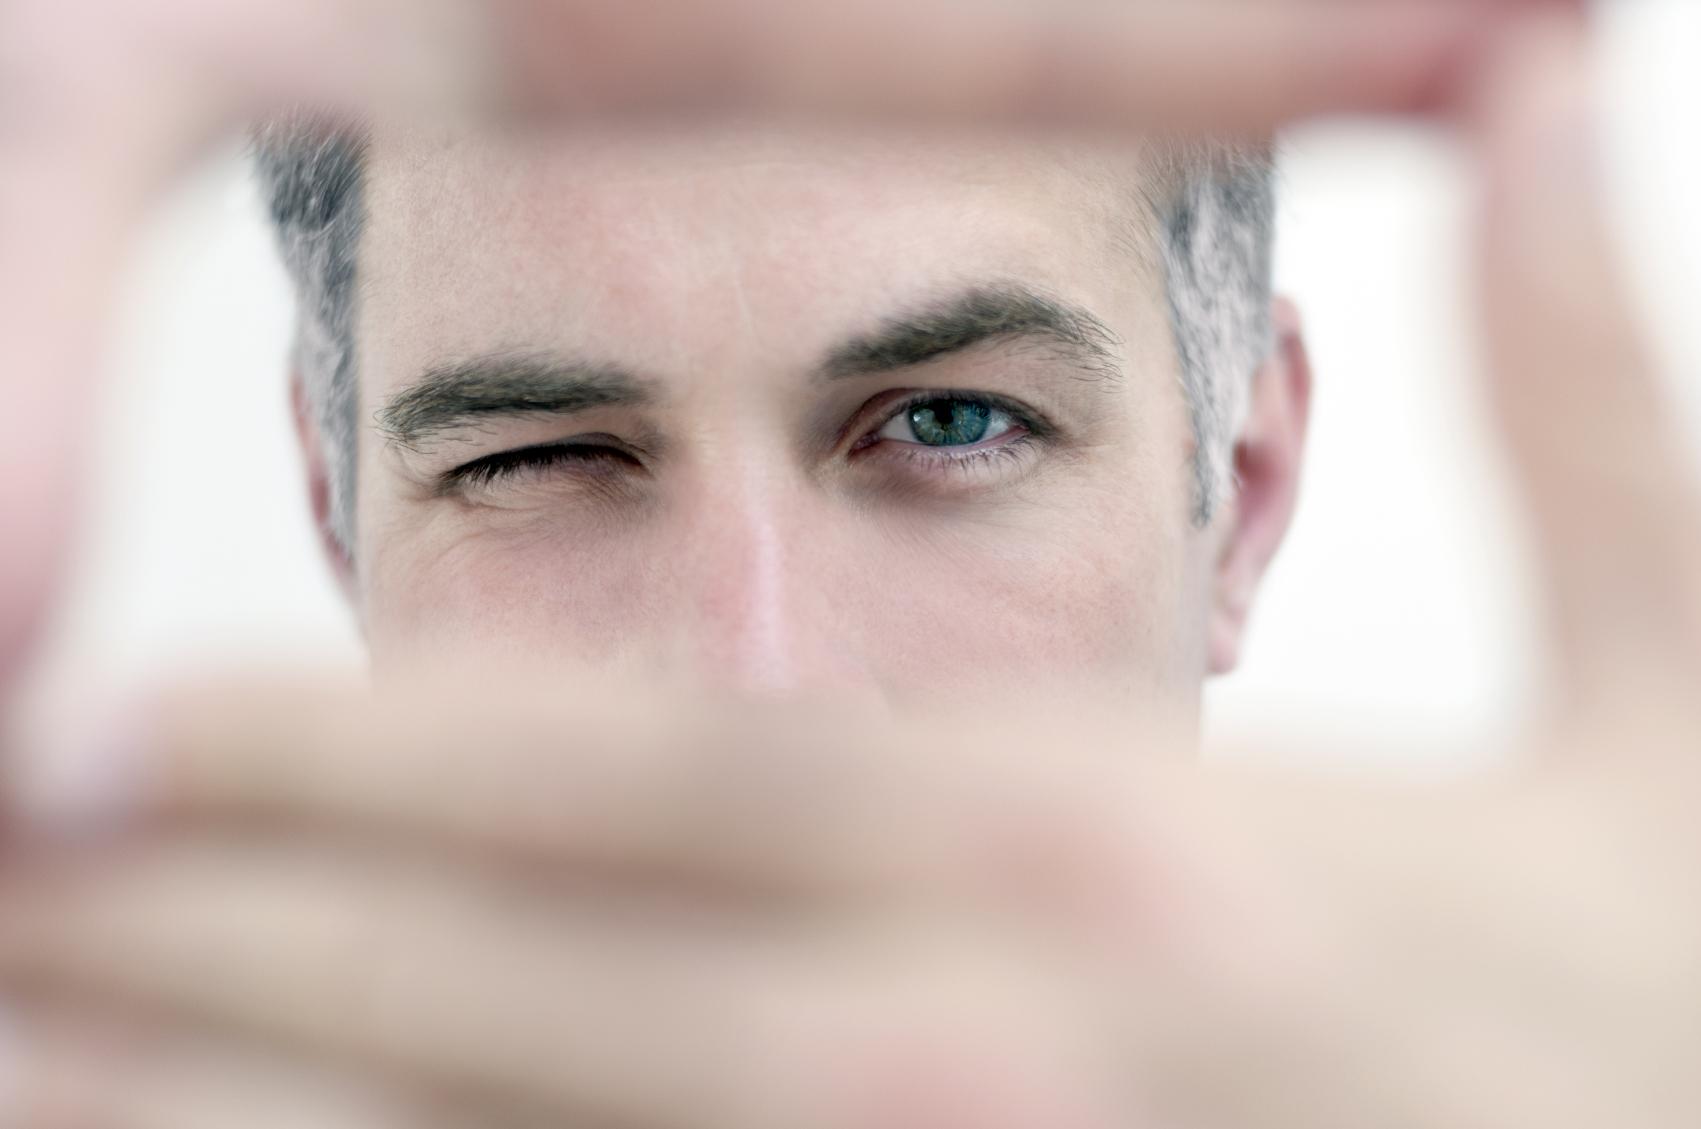 Trei reguli psihologice care îți vor schimba percepția despre oameni